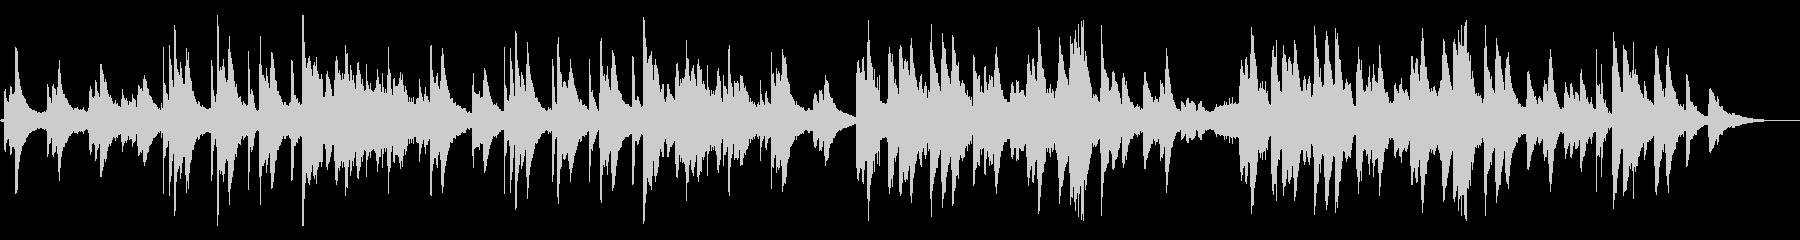 ピアノの儚げな旋律が印象的なアンビエントの未再生の波形